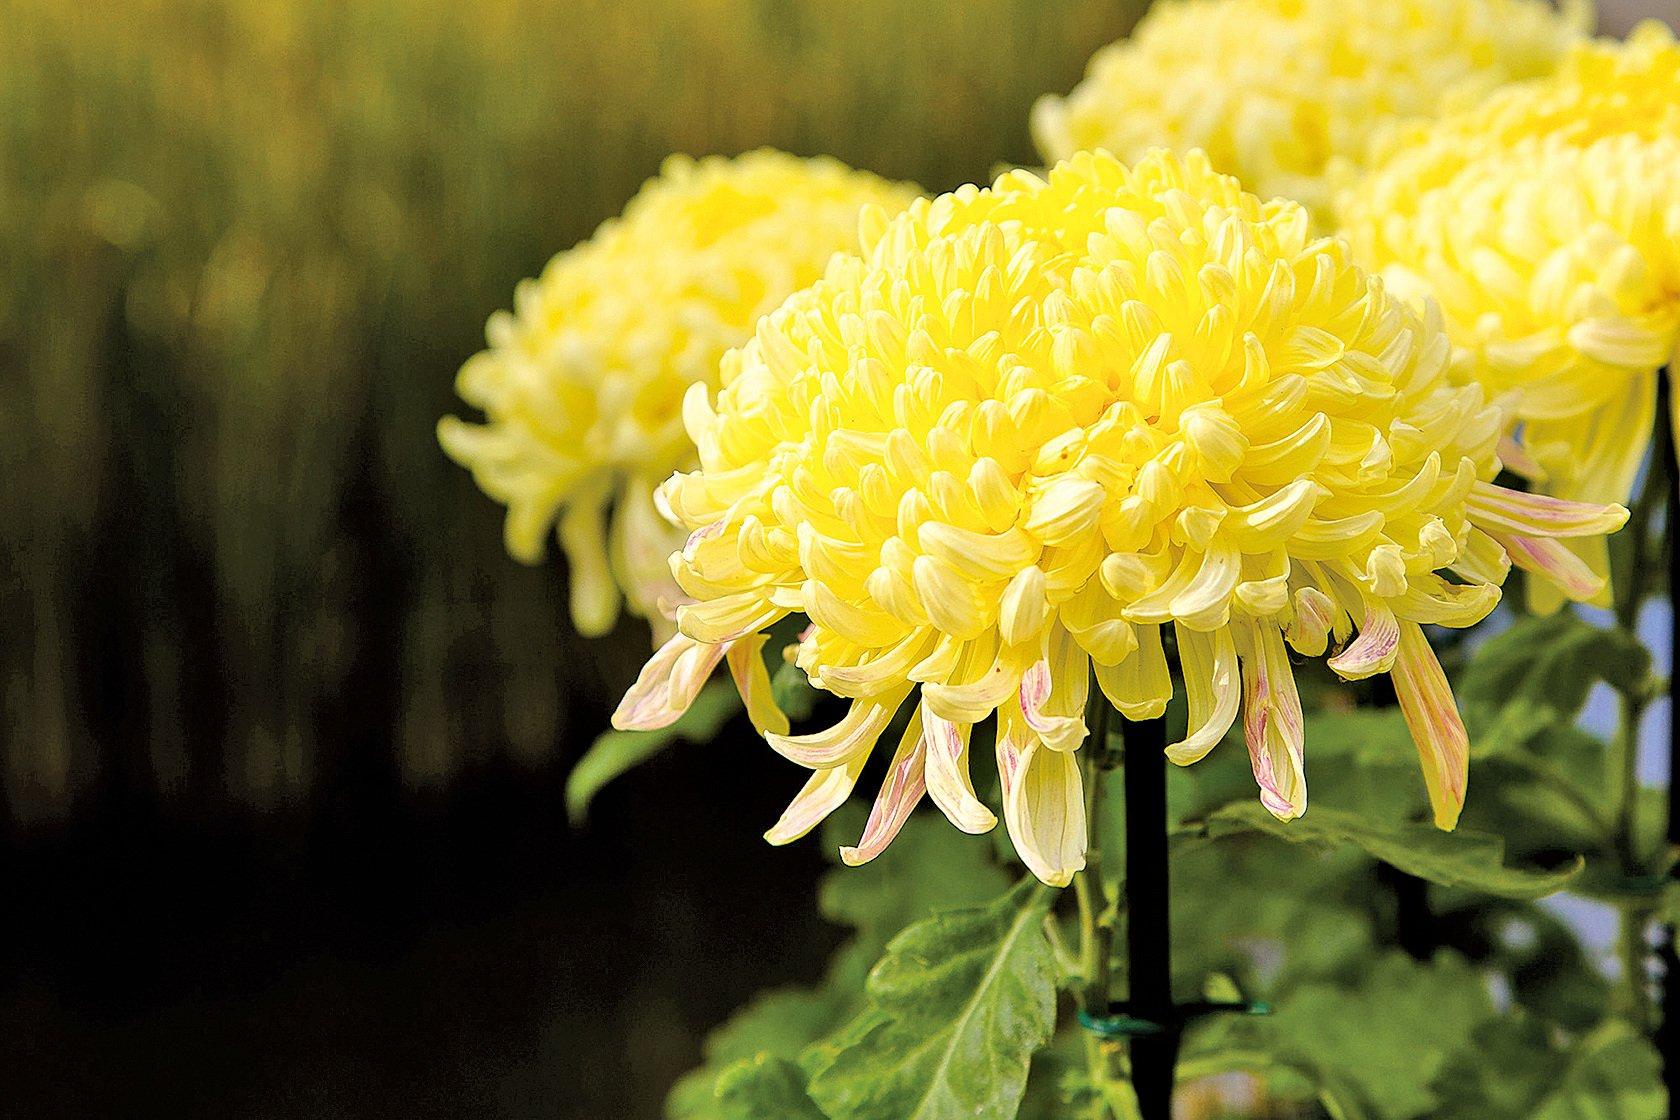 重陽節時,圓圓滿滿的菊花盛開如金鈴。(全景林/大紀元)